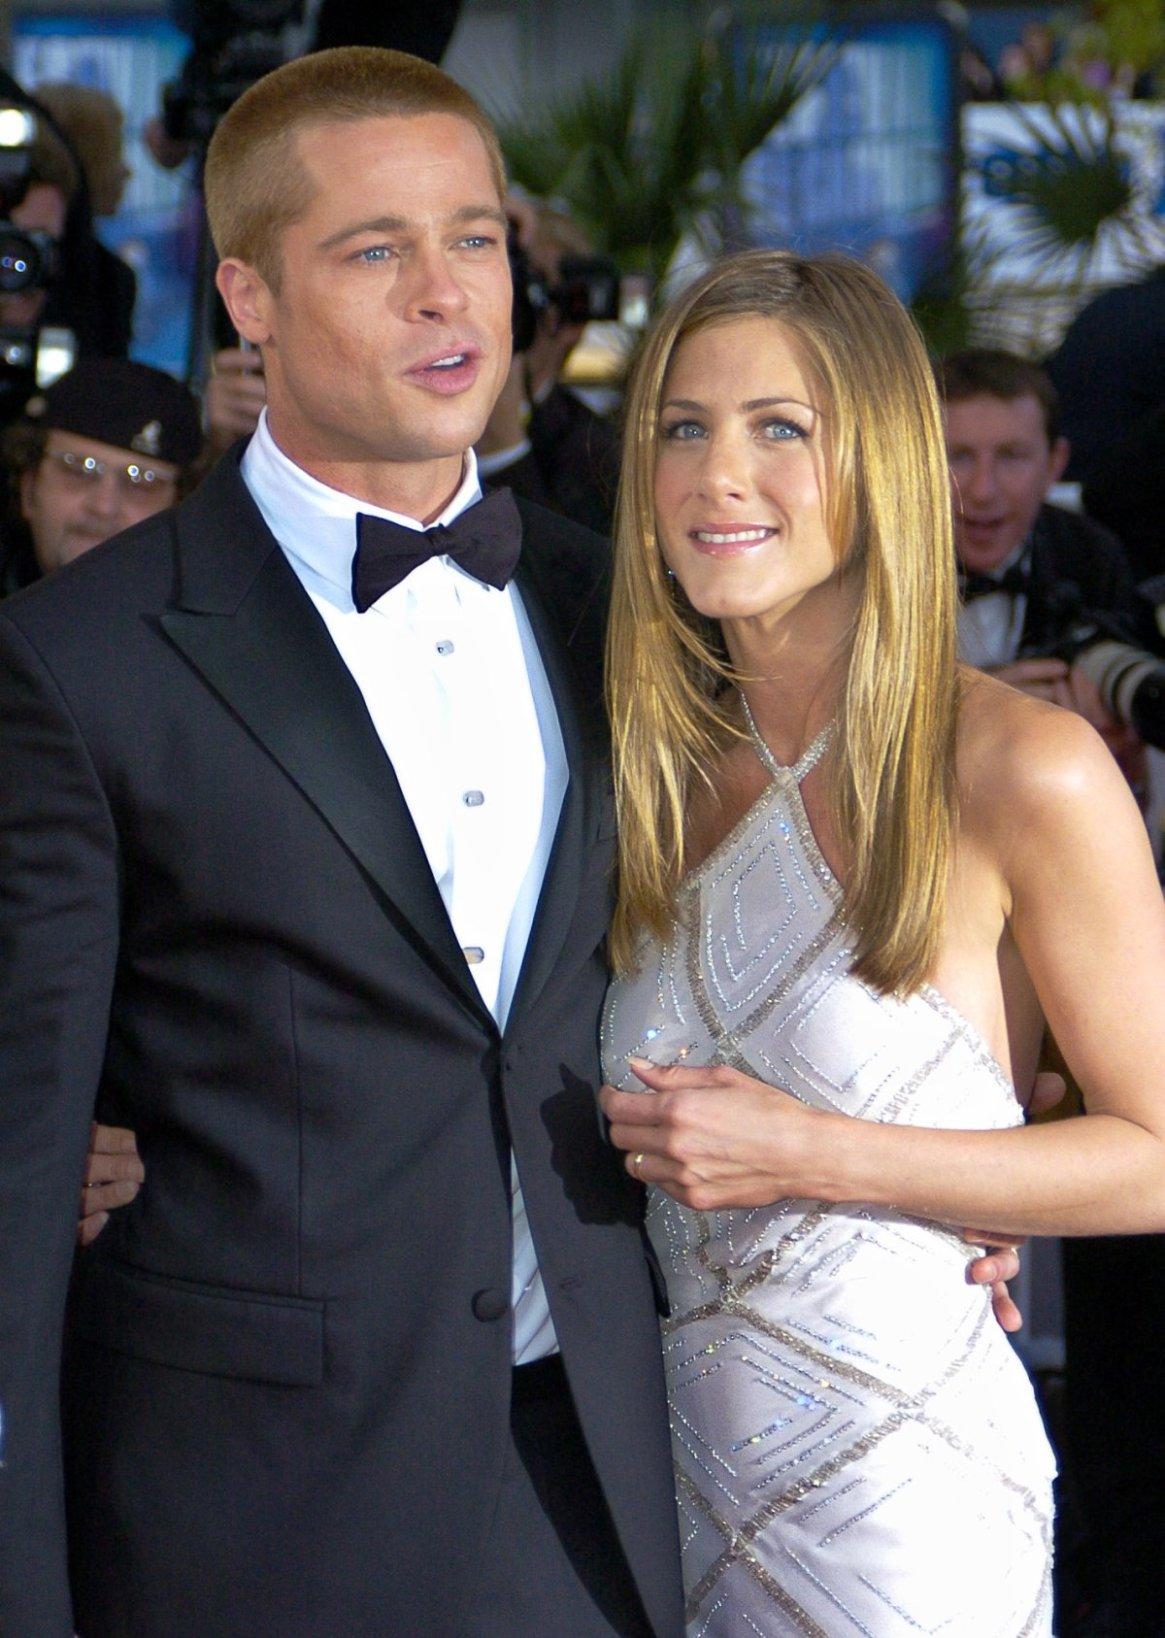 Su matrimonio con Brad Pitt, que duró desde el 2000 al 2005, se terminó cuando el actor la dejó por Angelina Jolie, con quien luego se convertiría en padre de seis hijos